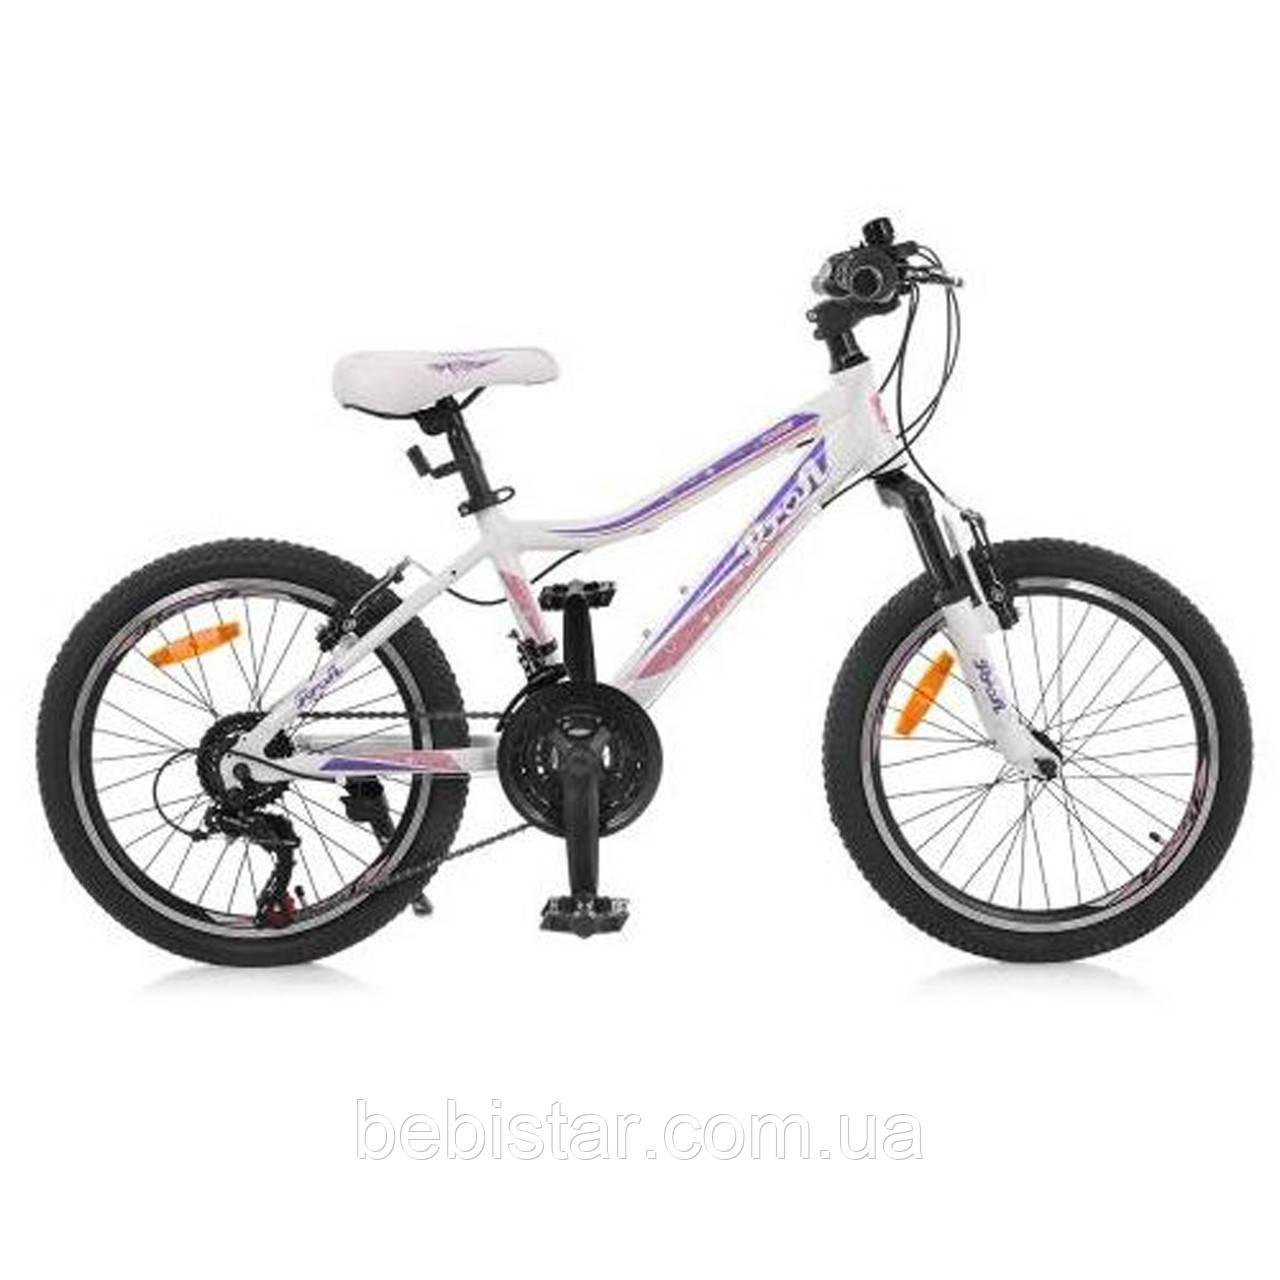 """Детский спортивный велосипед PROFI CARE 20"""" алюминиевая рама 12"""" белый"""